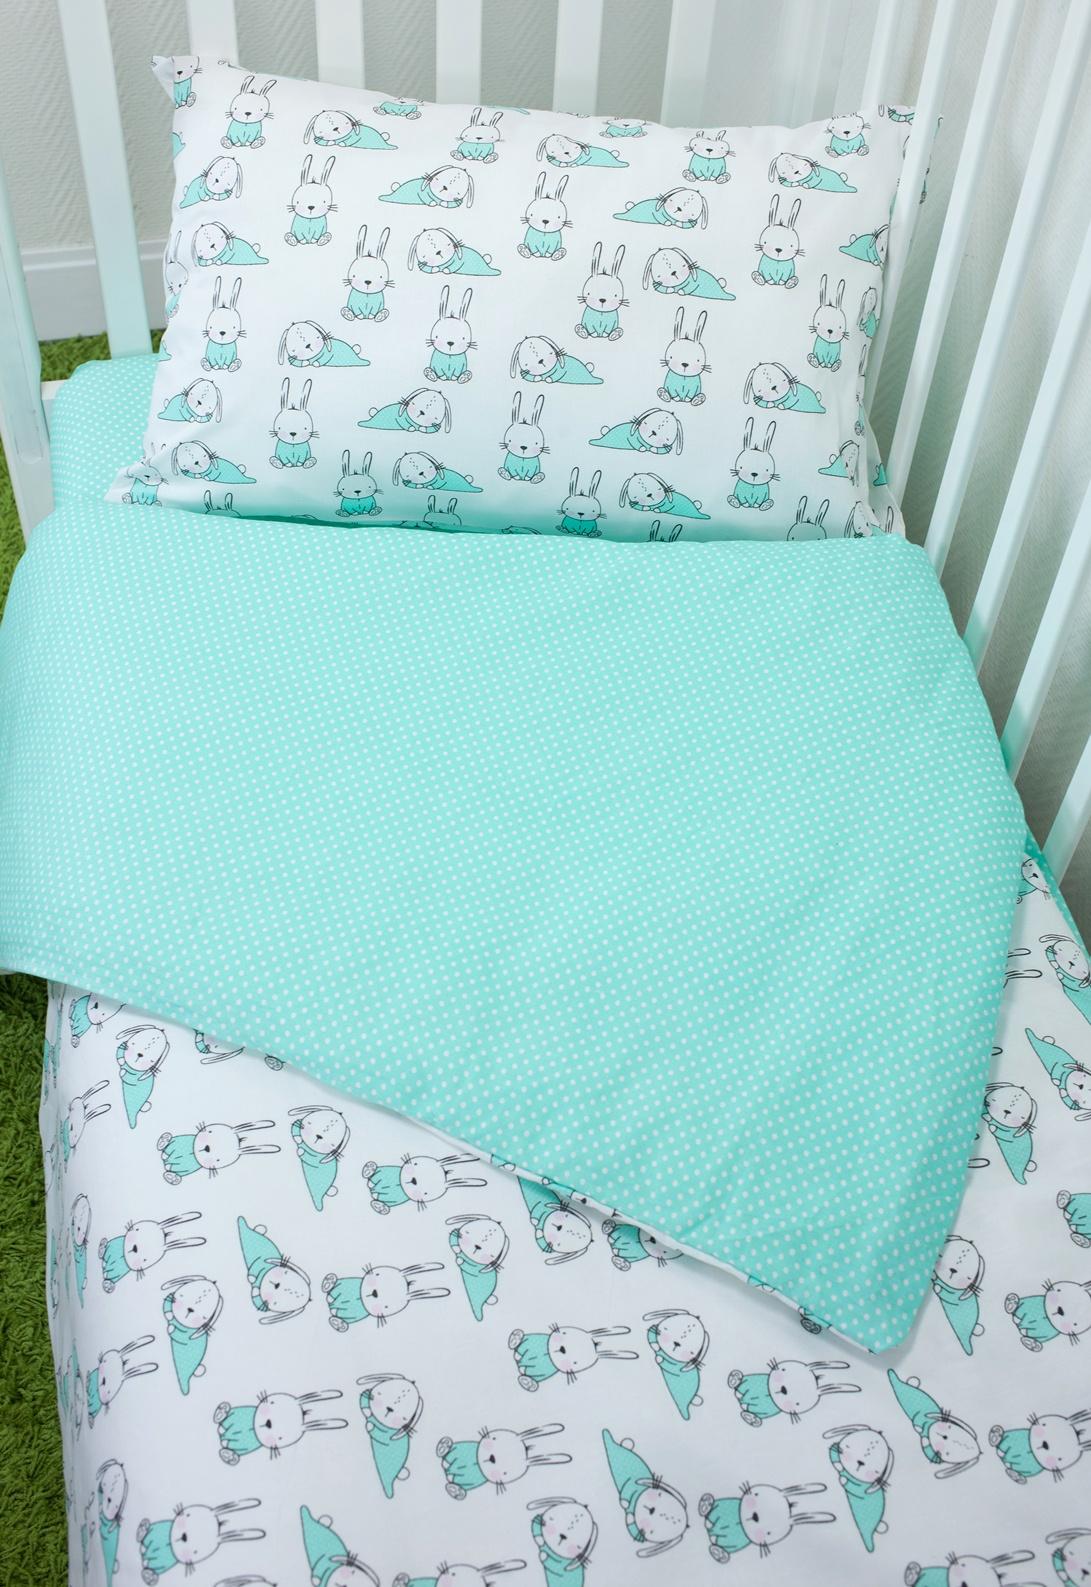 Комплект постельного белья для малышей Magic City Ушастый лежебока комплект постельного белья облачко дельфин в детскую кроватку с простынью на резинке 186903